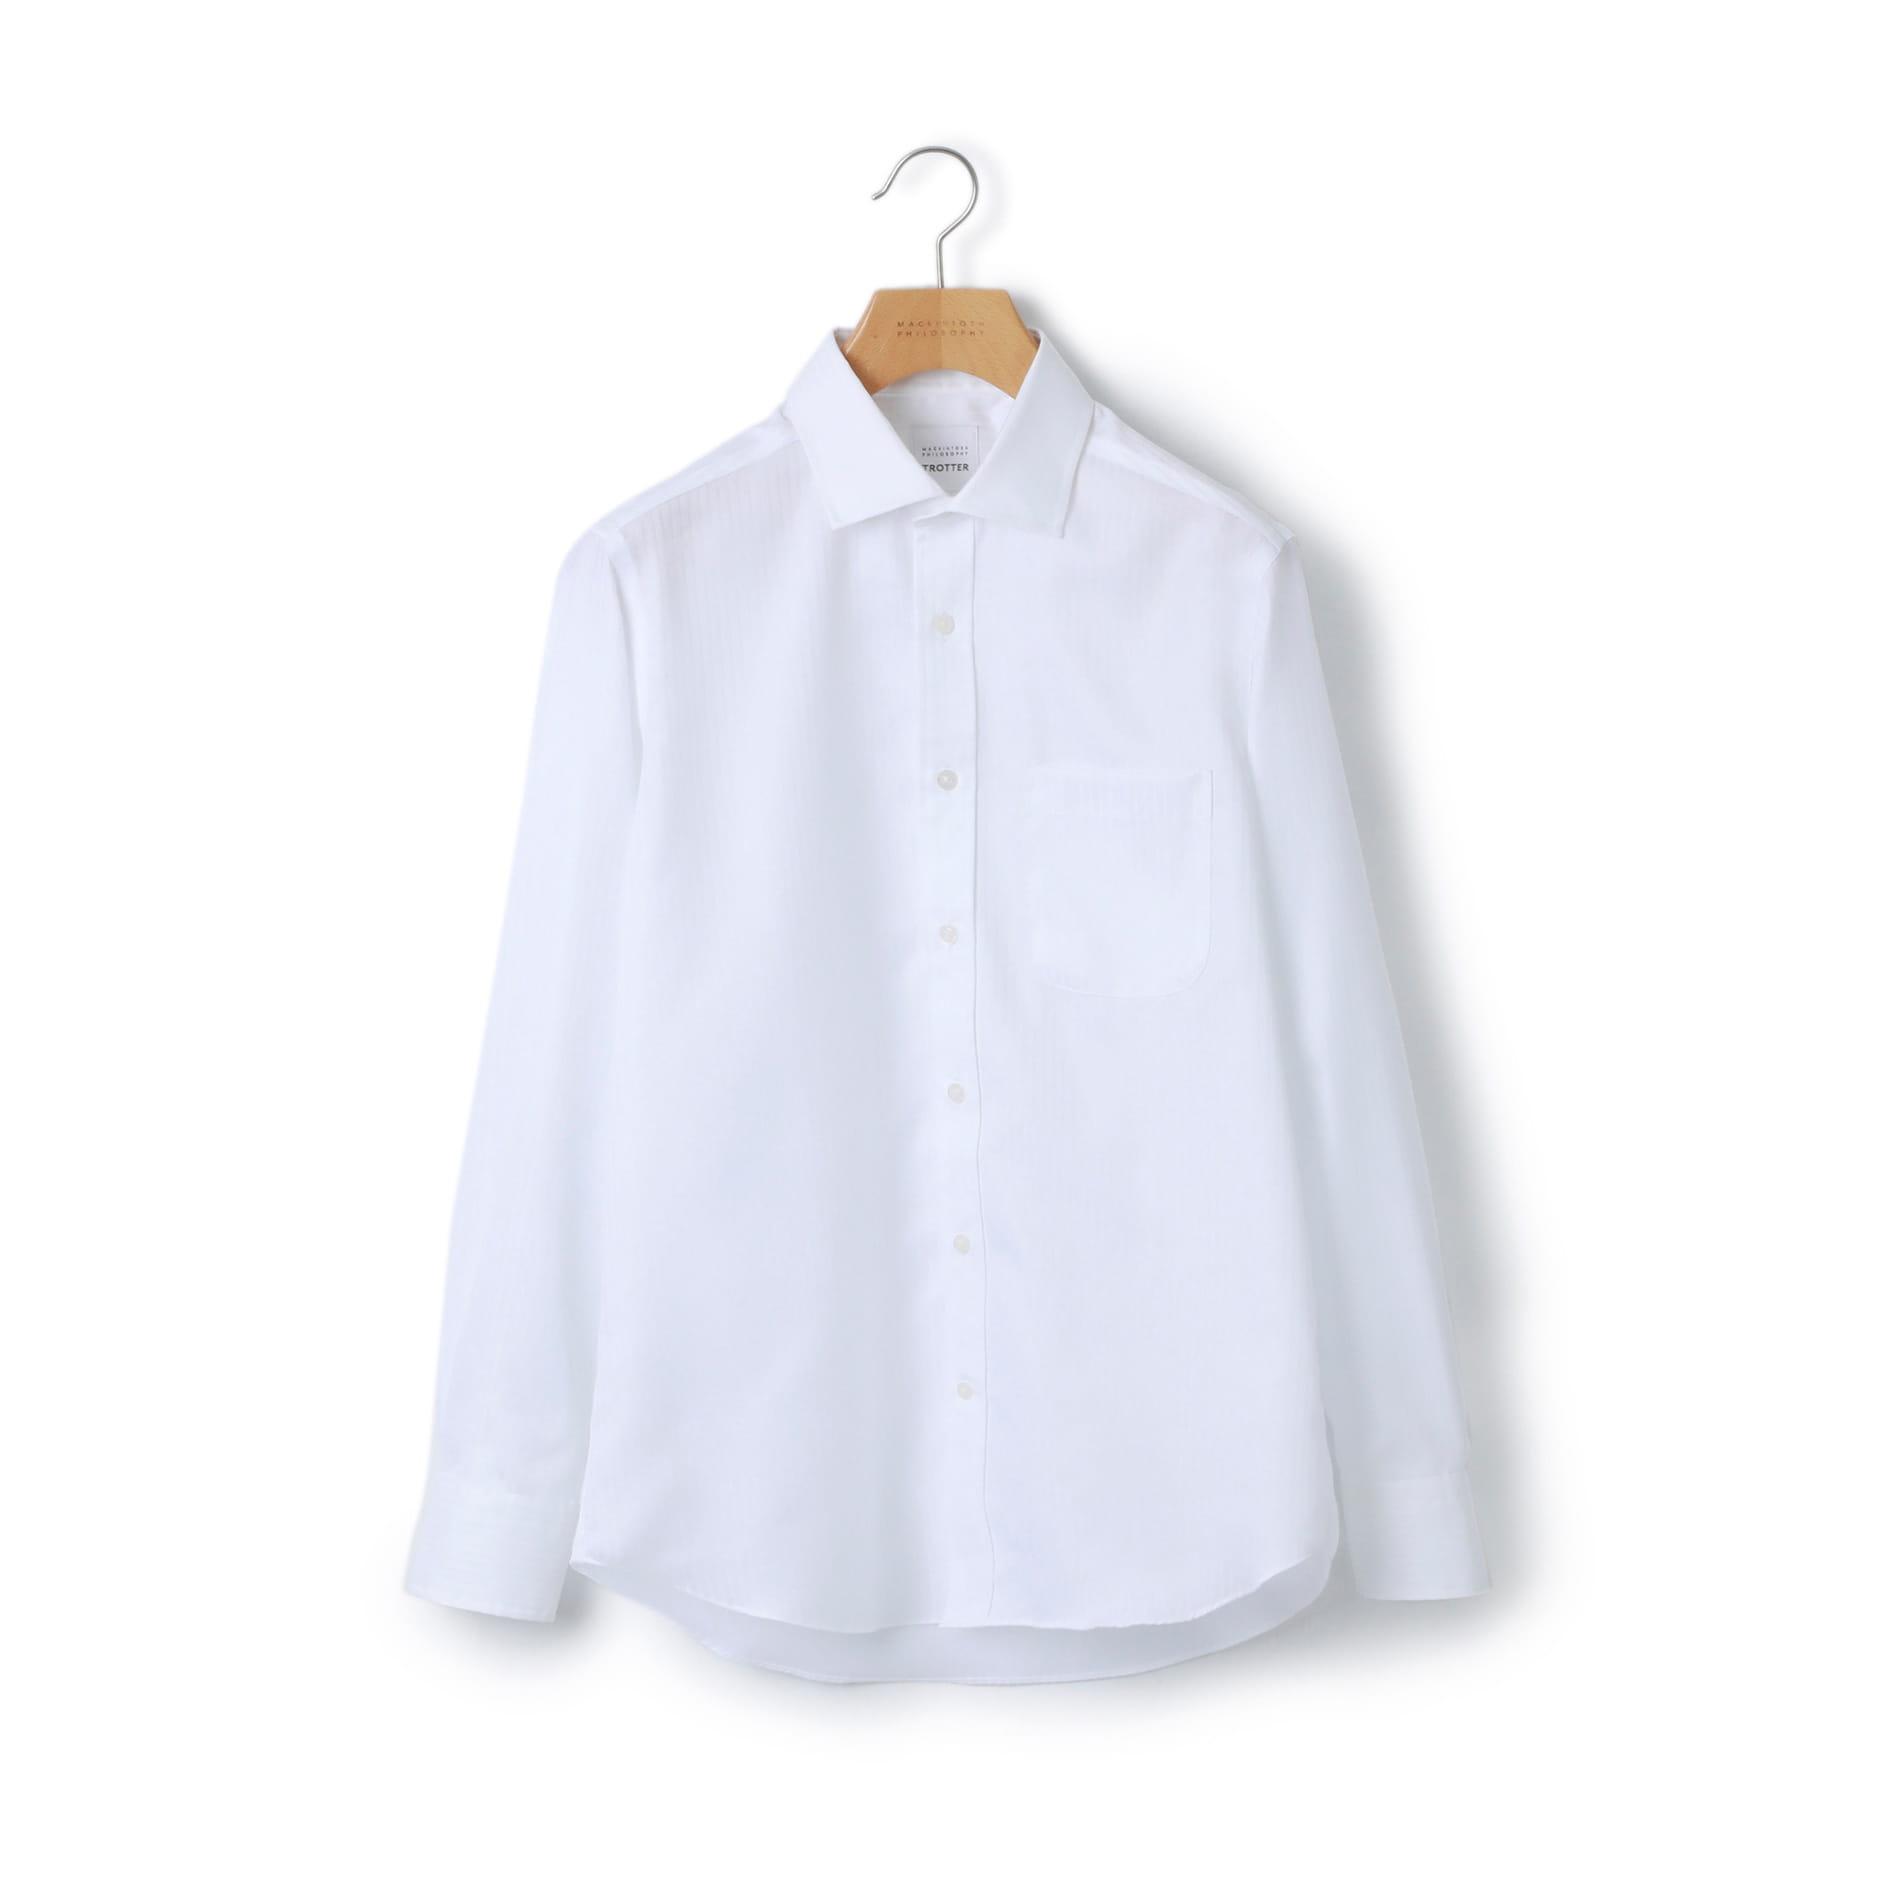 トロッター シャツ ドビーストライプ ワイドカラーシャツ